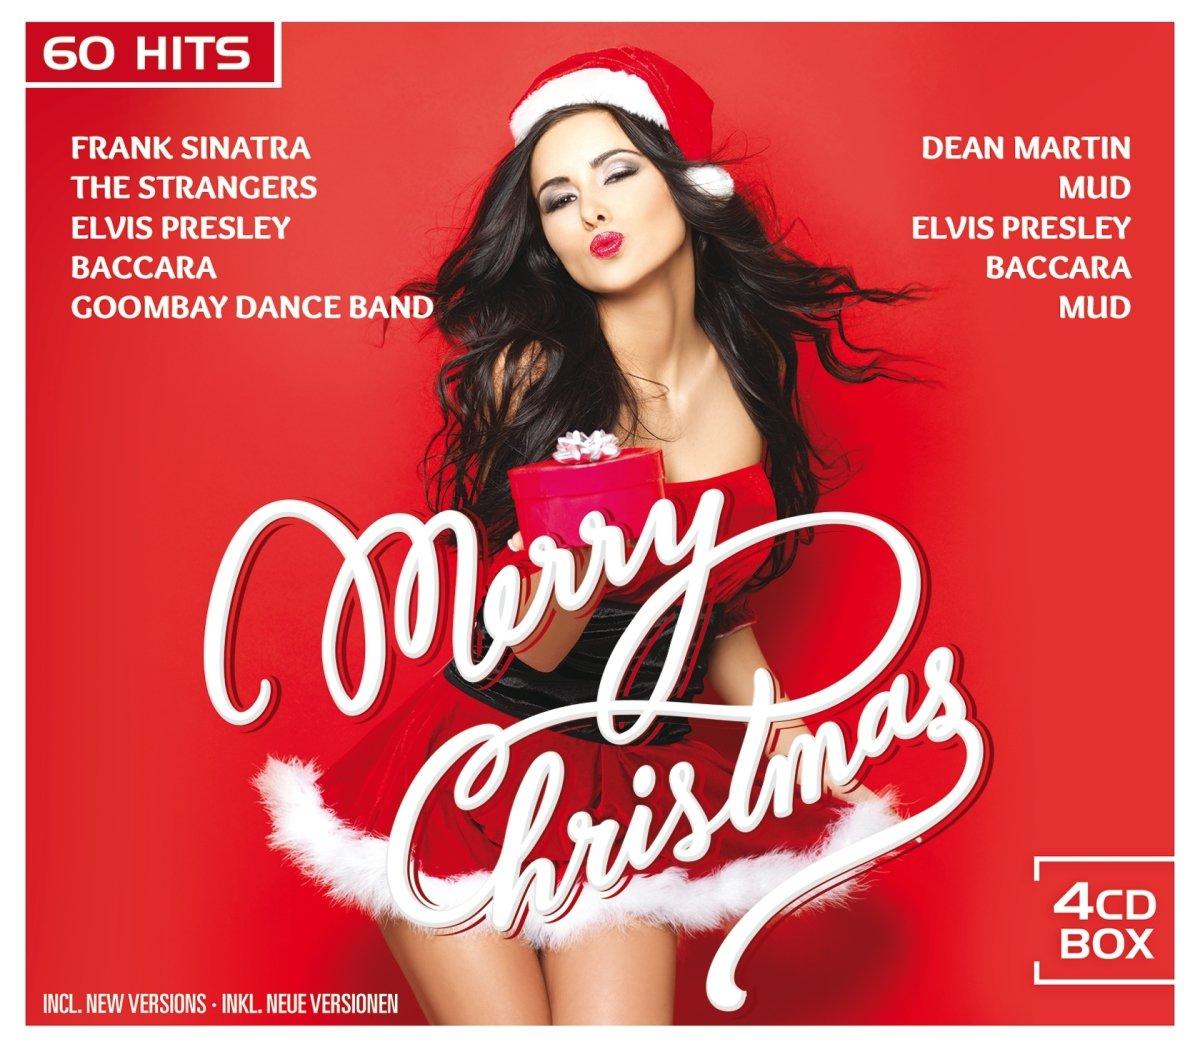 Frank Sinatra Weihnachtslieder.Merry Christmas 60 Weihnachtslieder Auf 4 Cds Frank